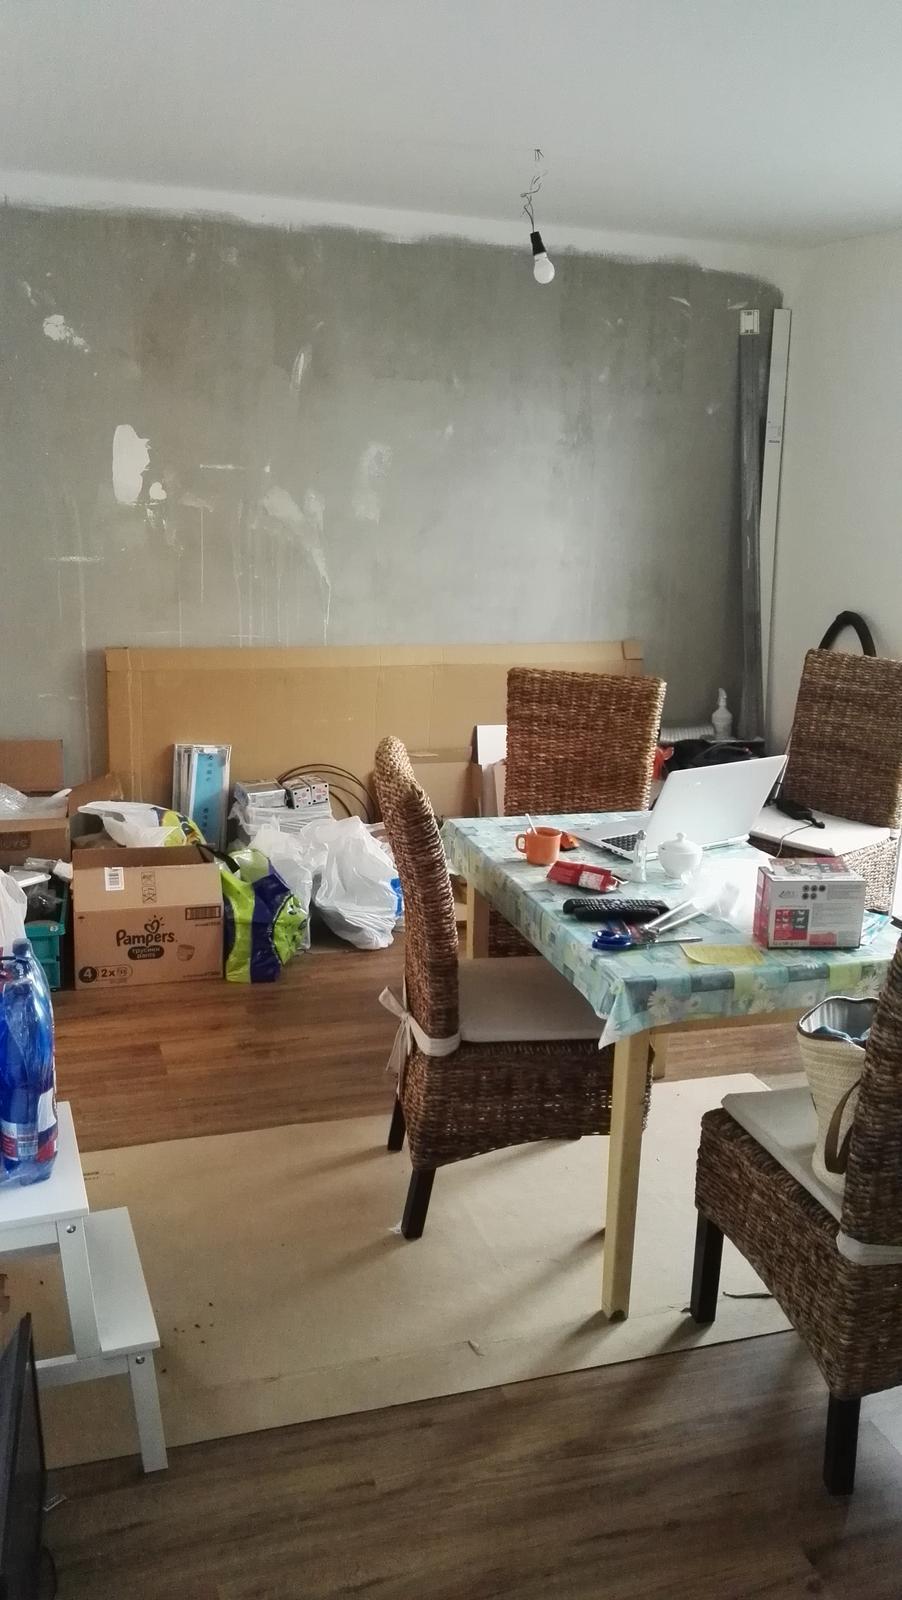 Projekt: Nové bývanie ... - ... obyvačko-jedáleň :-( a tehličky ešte dlho budú čakať v krabiciach, kým urobia parádu na stene...